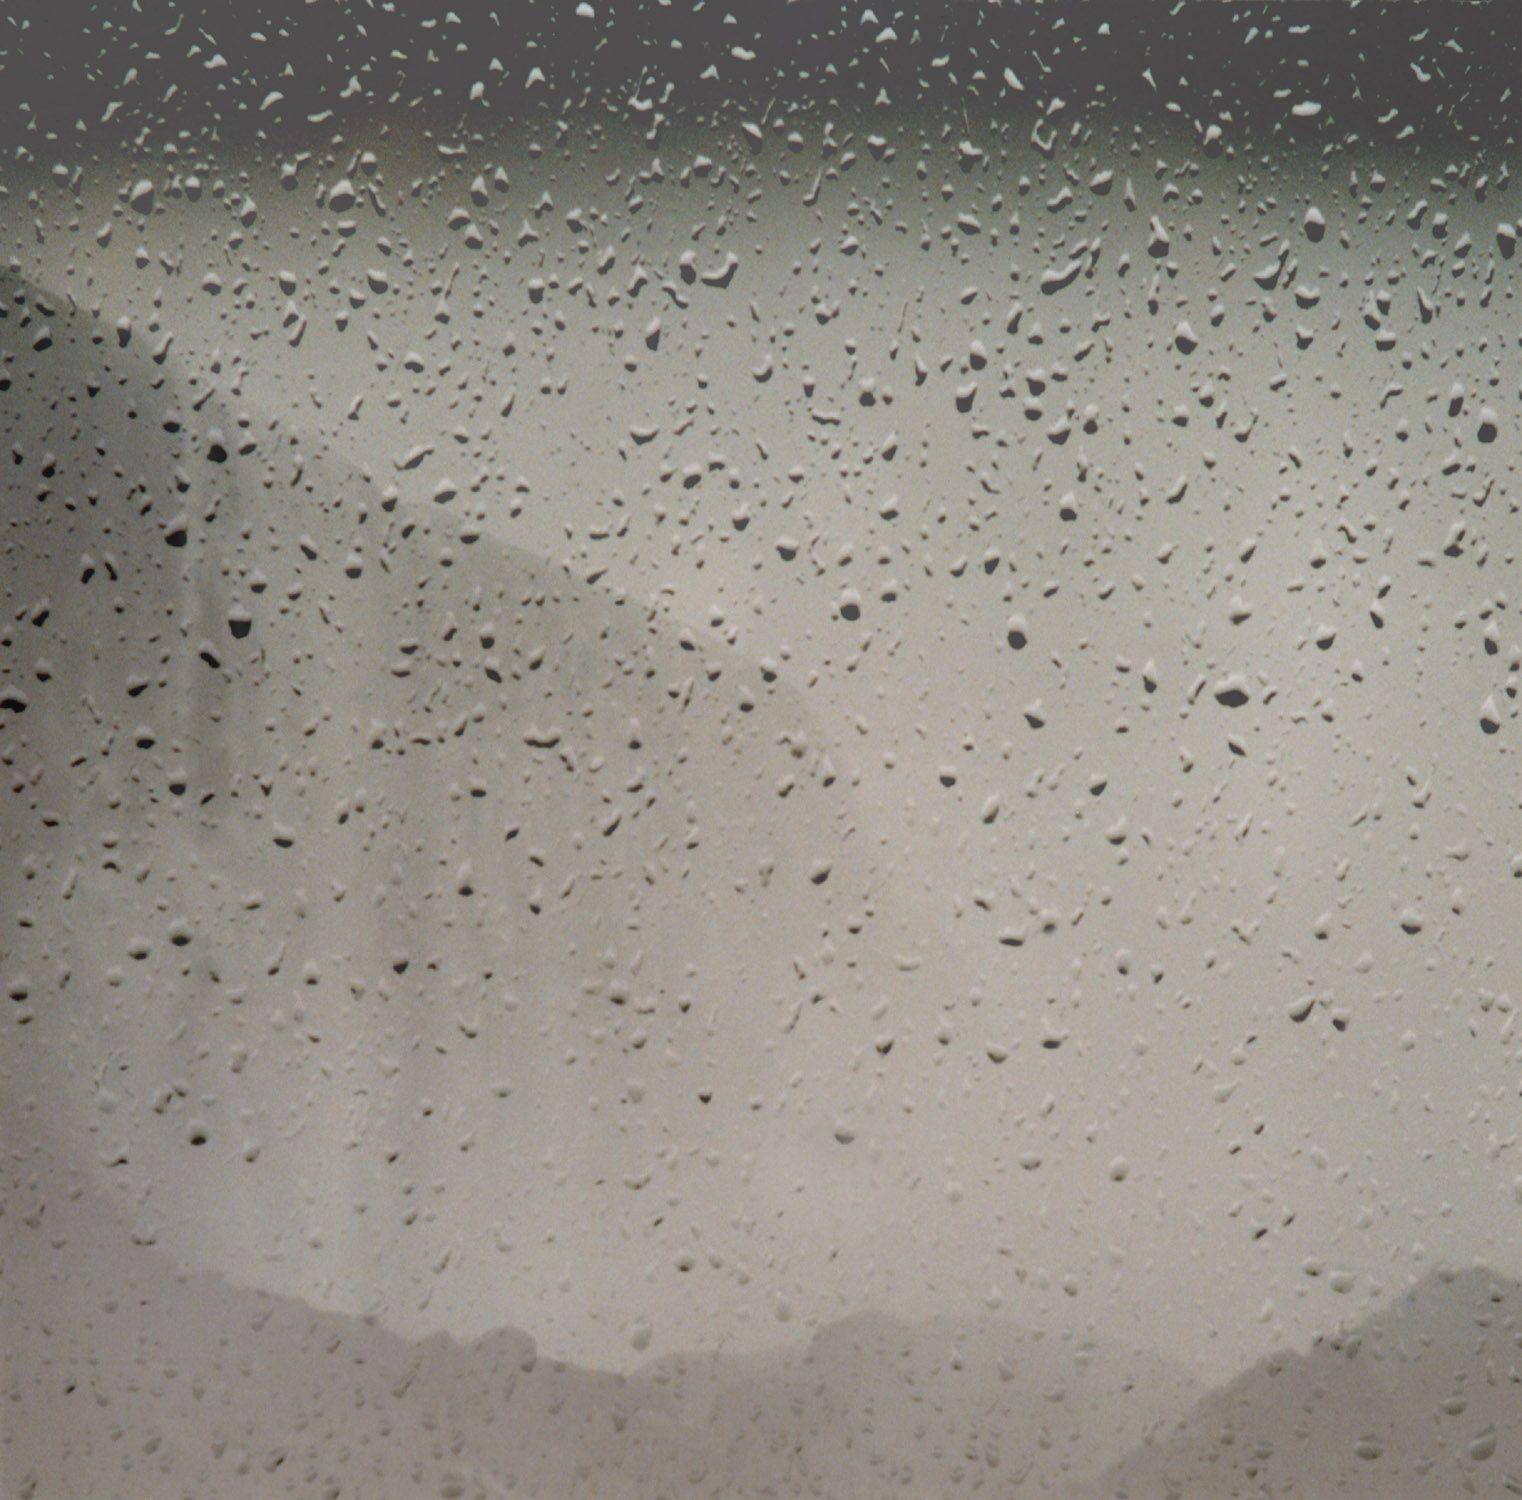 Water is Best Falls by Car Eileen Neff locks gallery